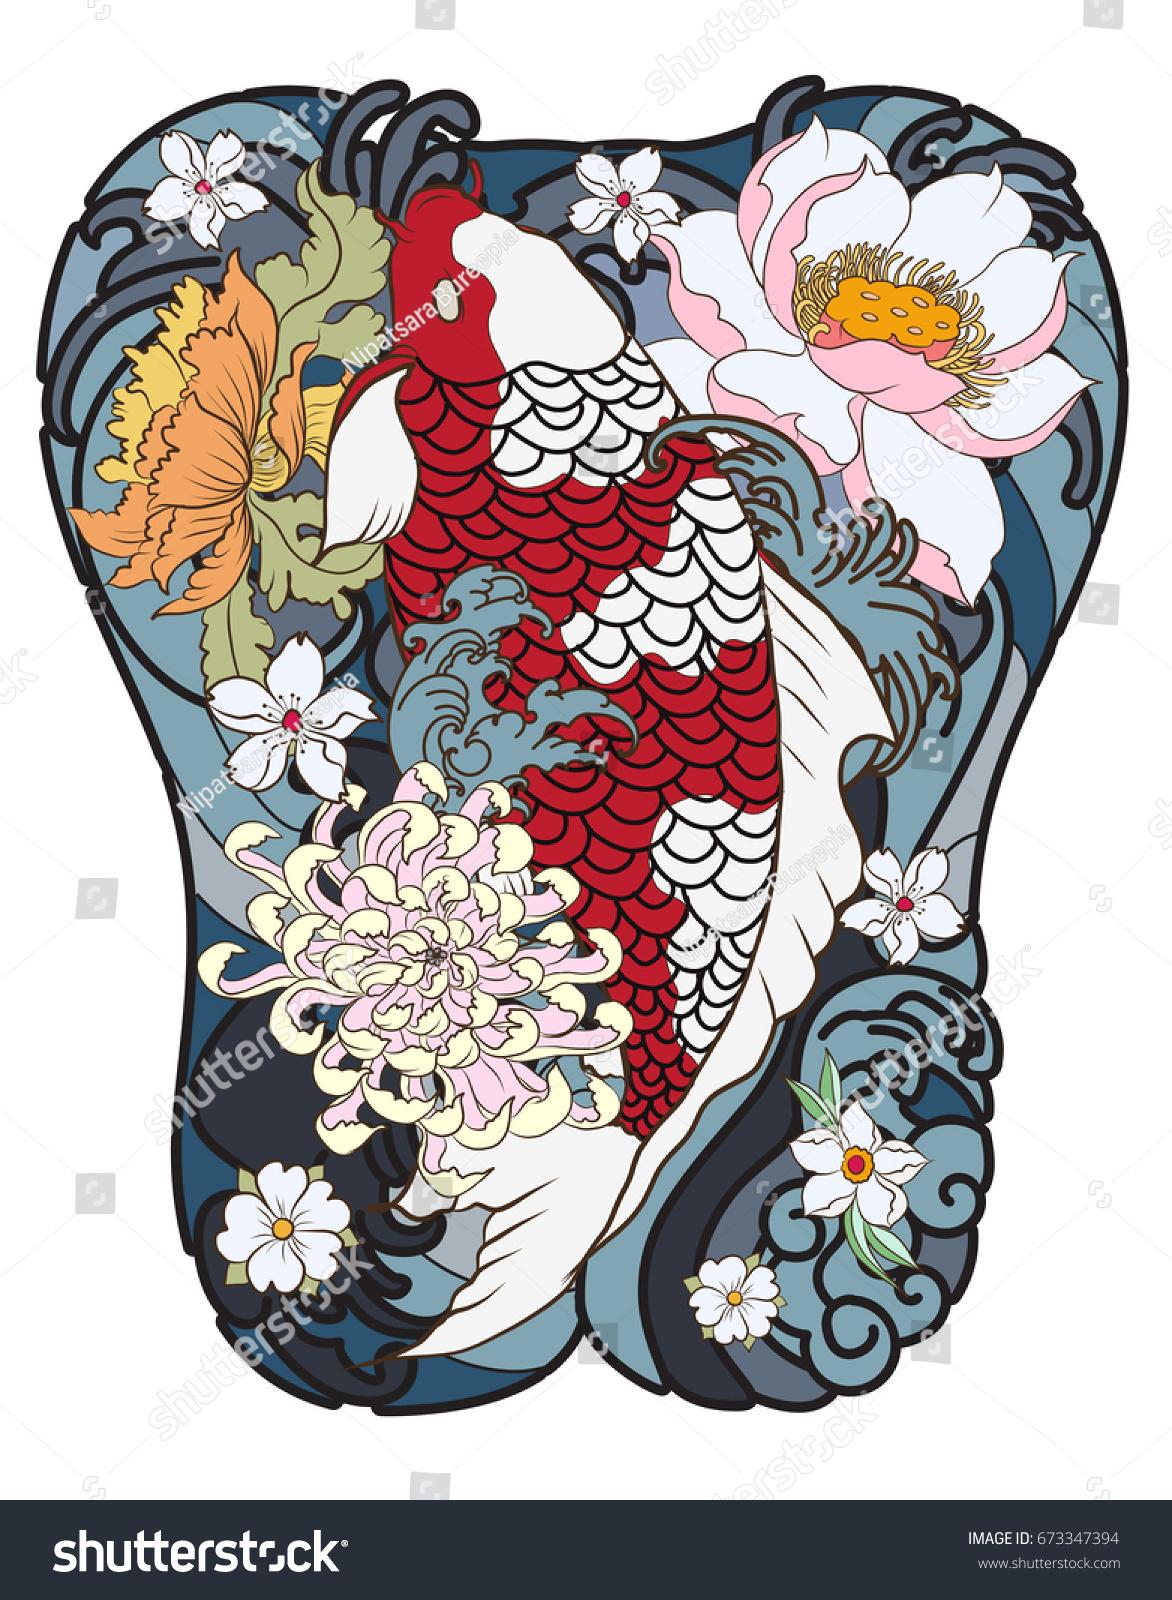 Hand Drawn Koi Fish Peony Flower Stock Vector 673347394 - Shutterstock